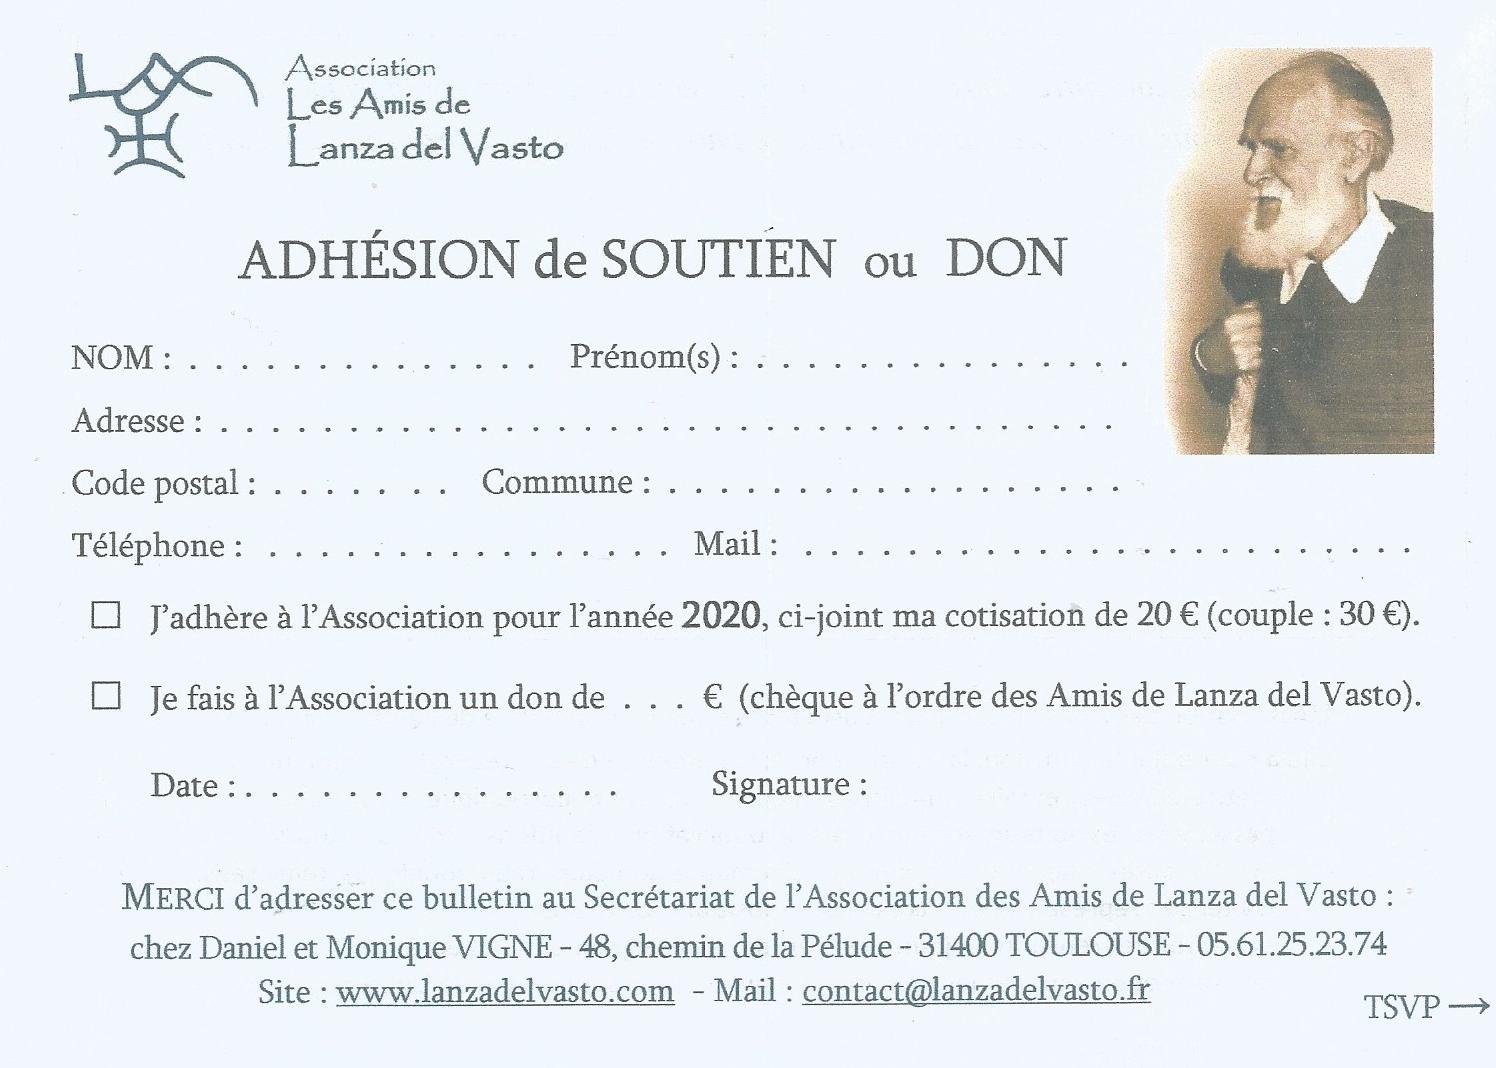 Pour l'Association des Amis de Lanza del Vasto.